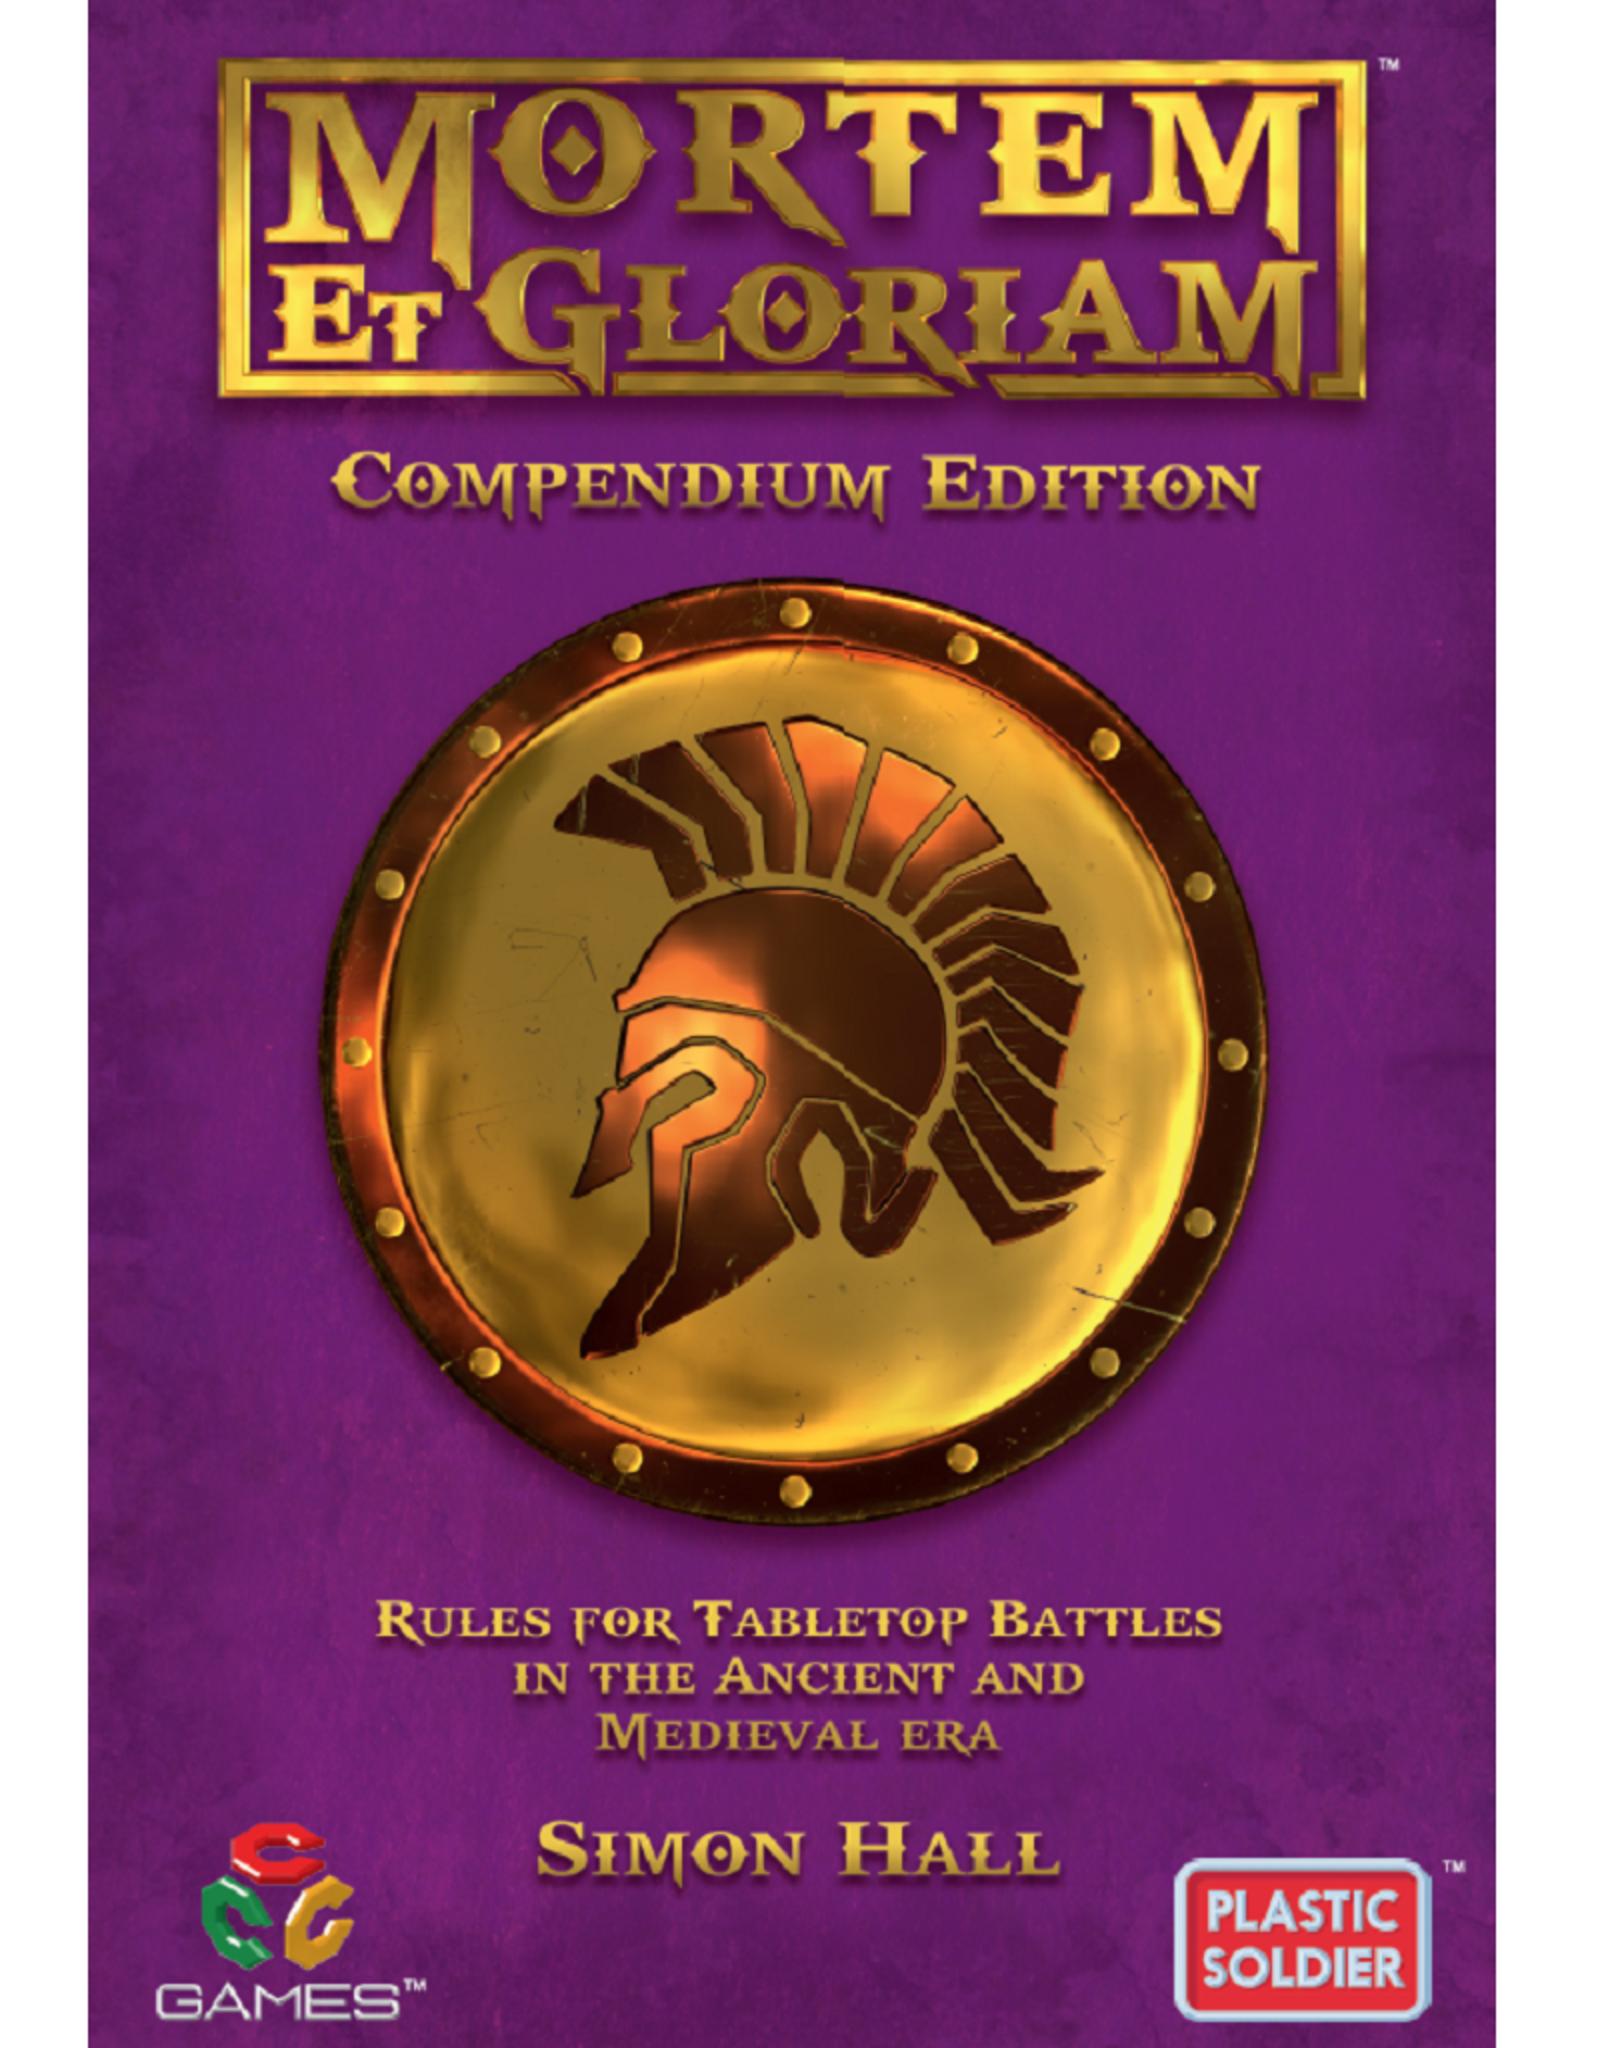 Plastic Soldier Company Mortem et Gloriam Compendium rulebook